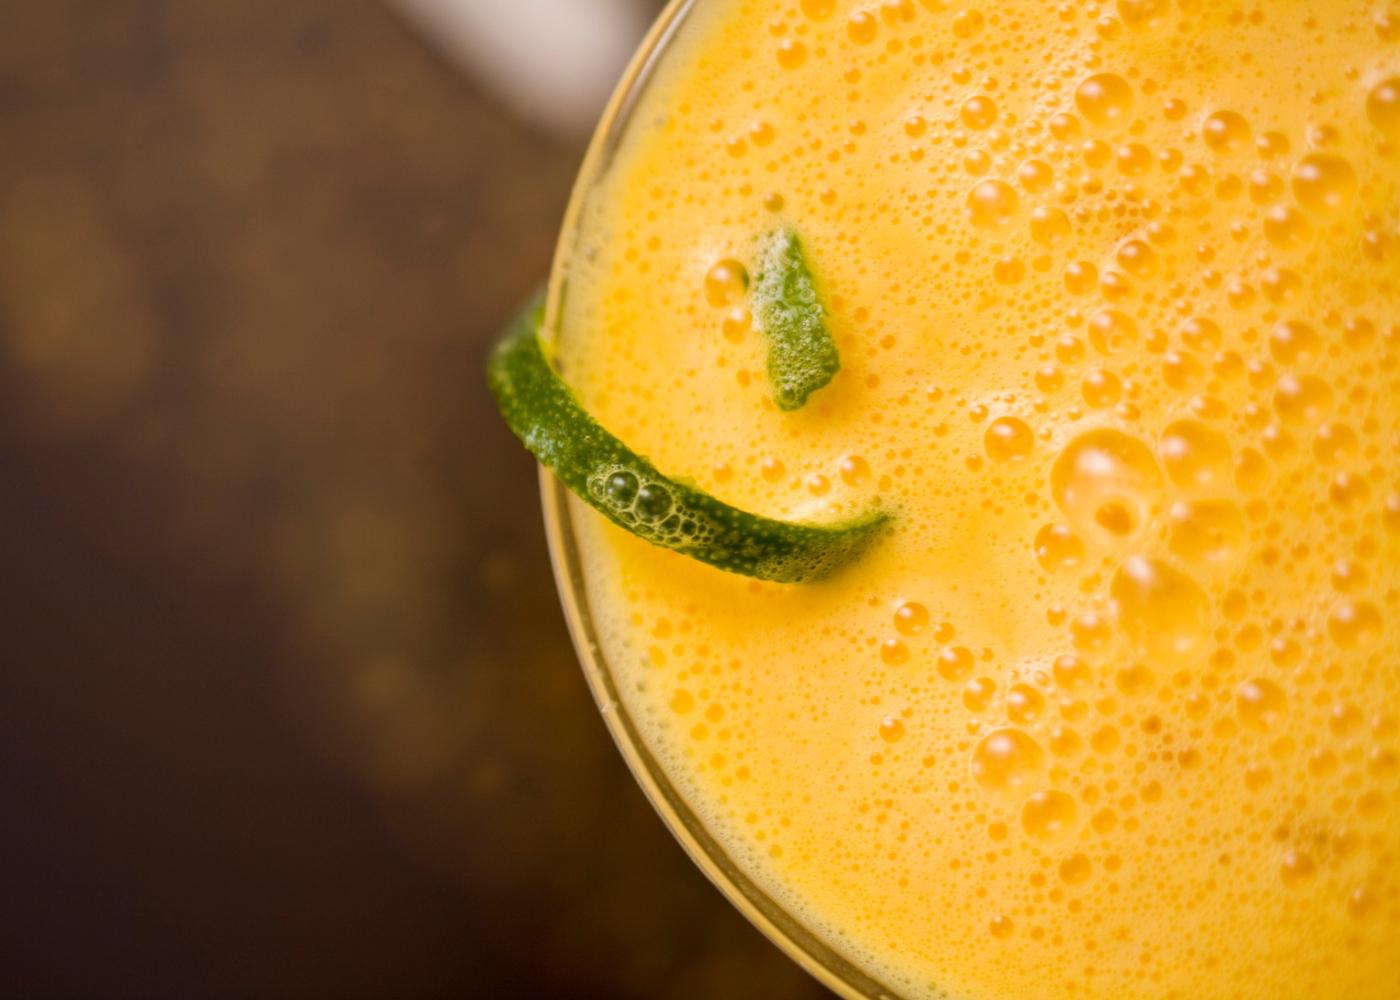 espuma de citrinos no copo